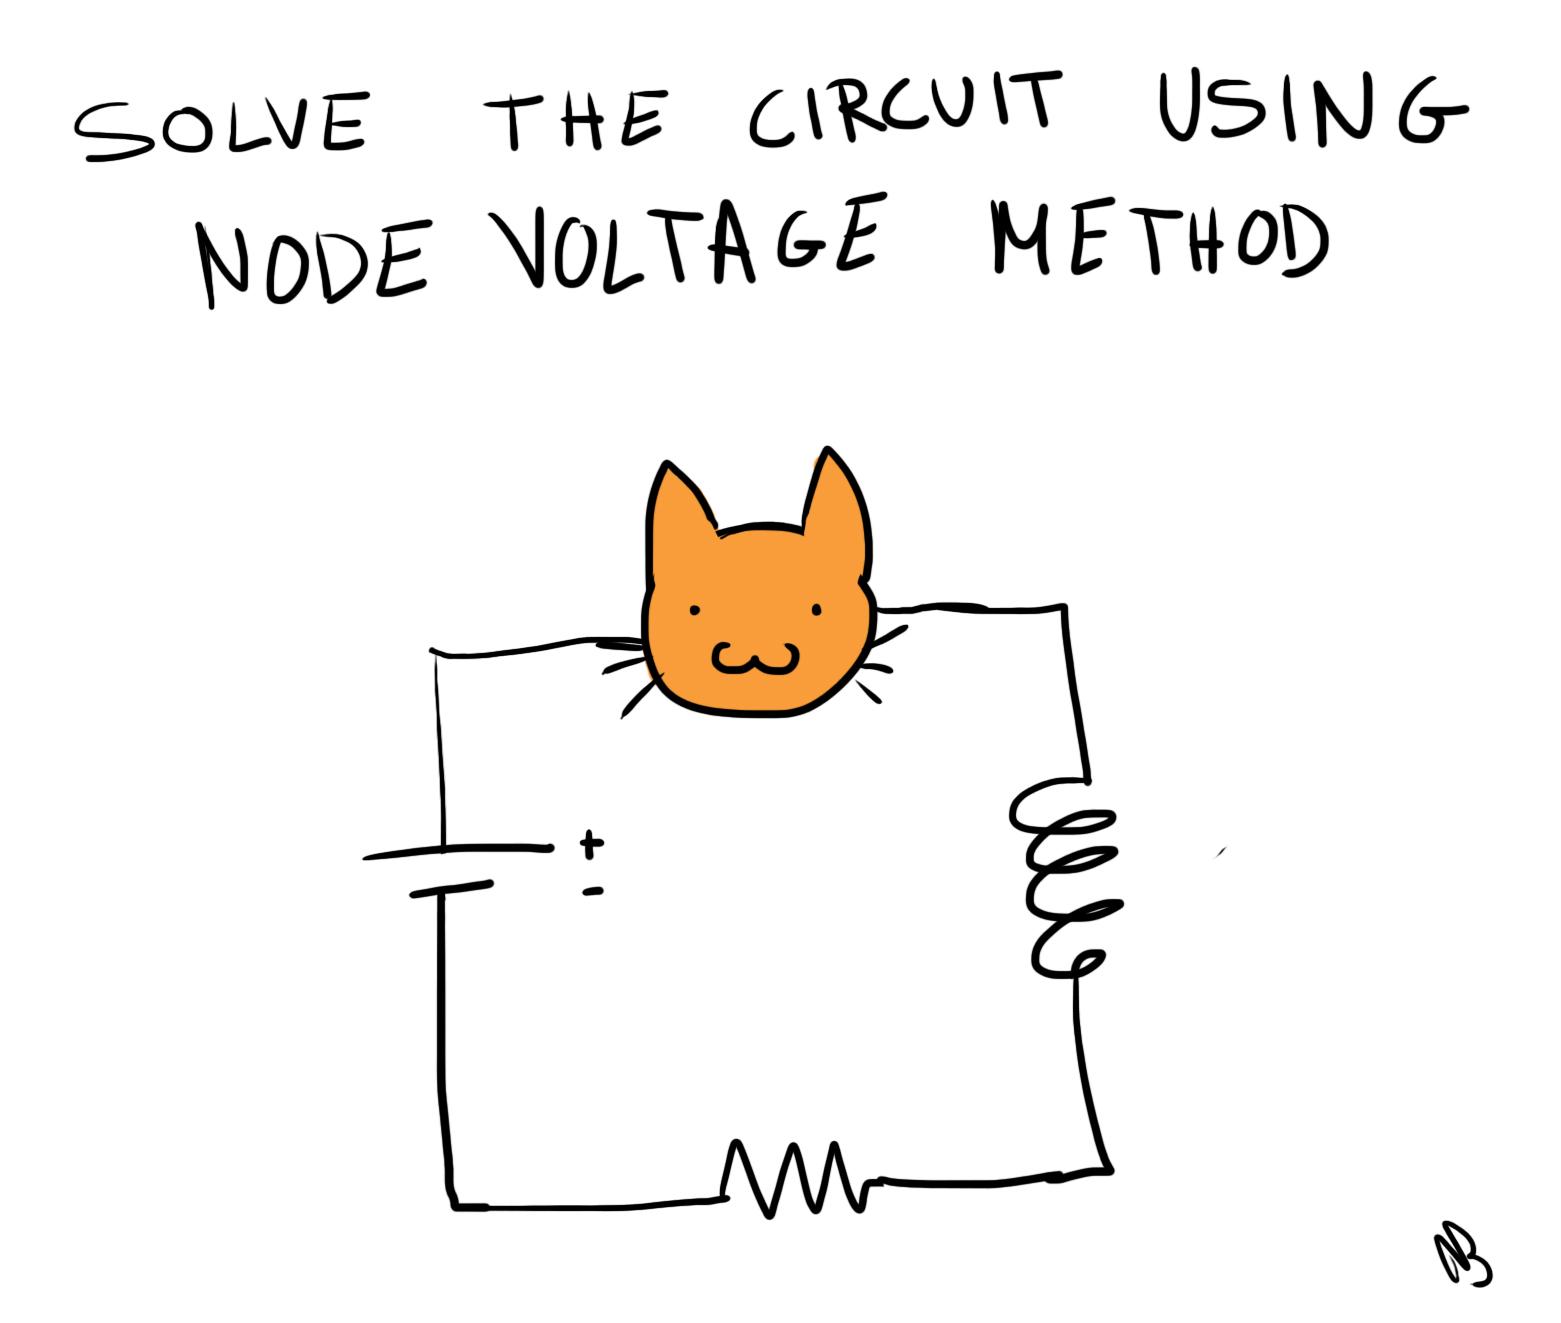 adventures of schr u00f6dinger u0026 39 s cat   16 circuits